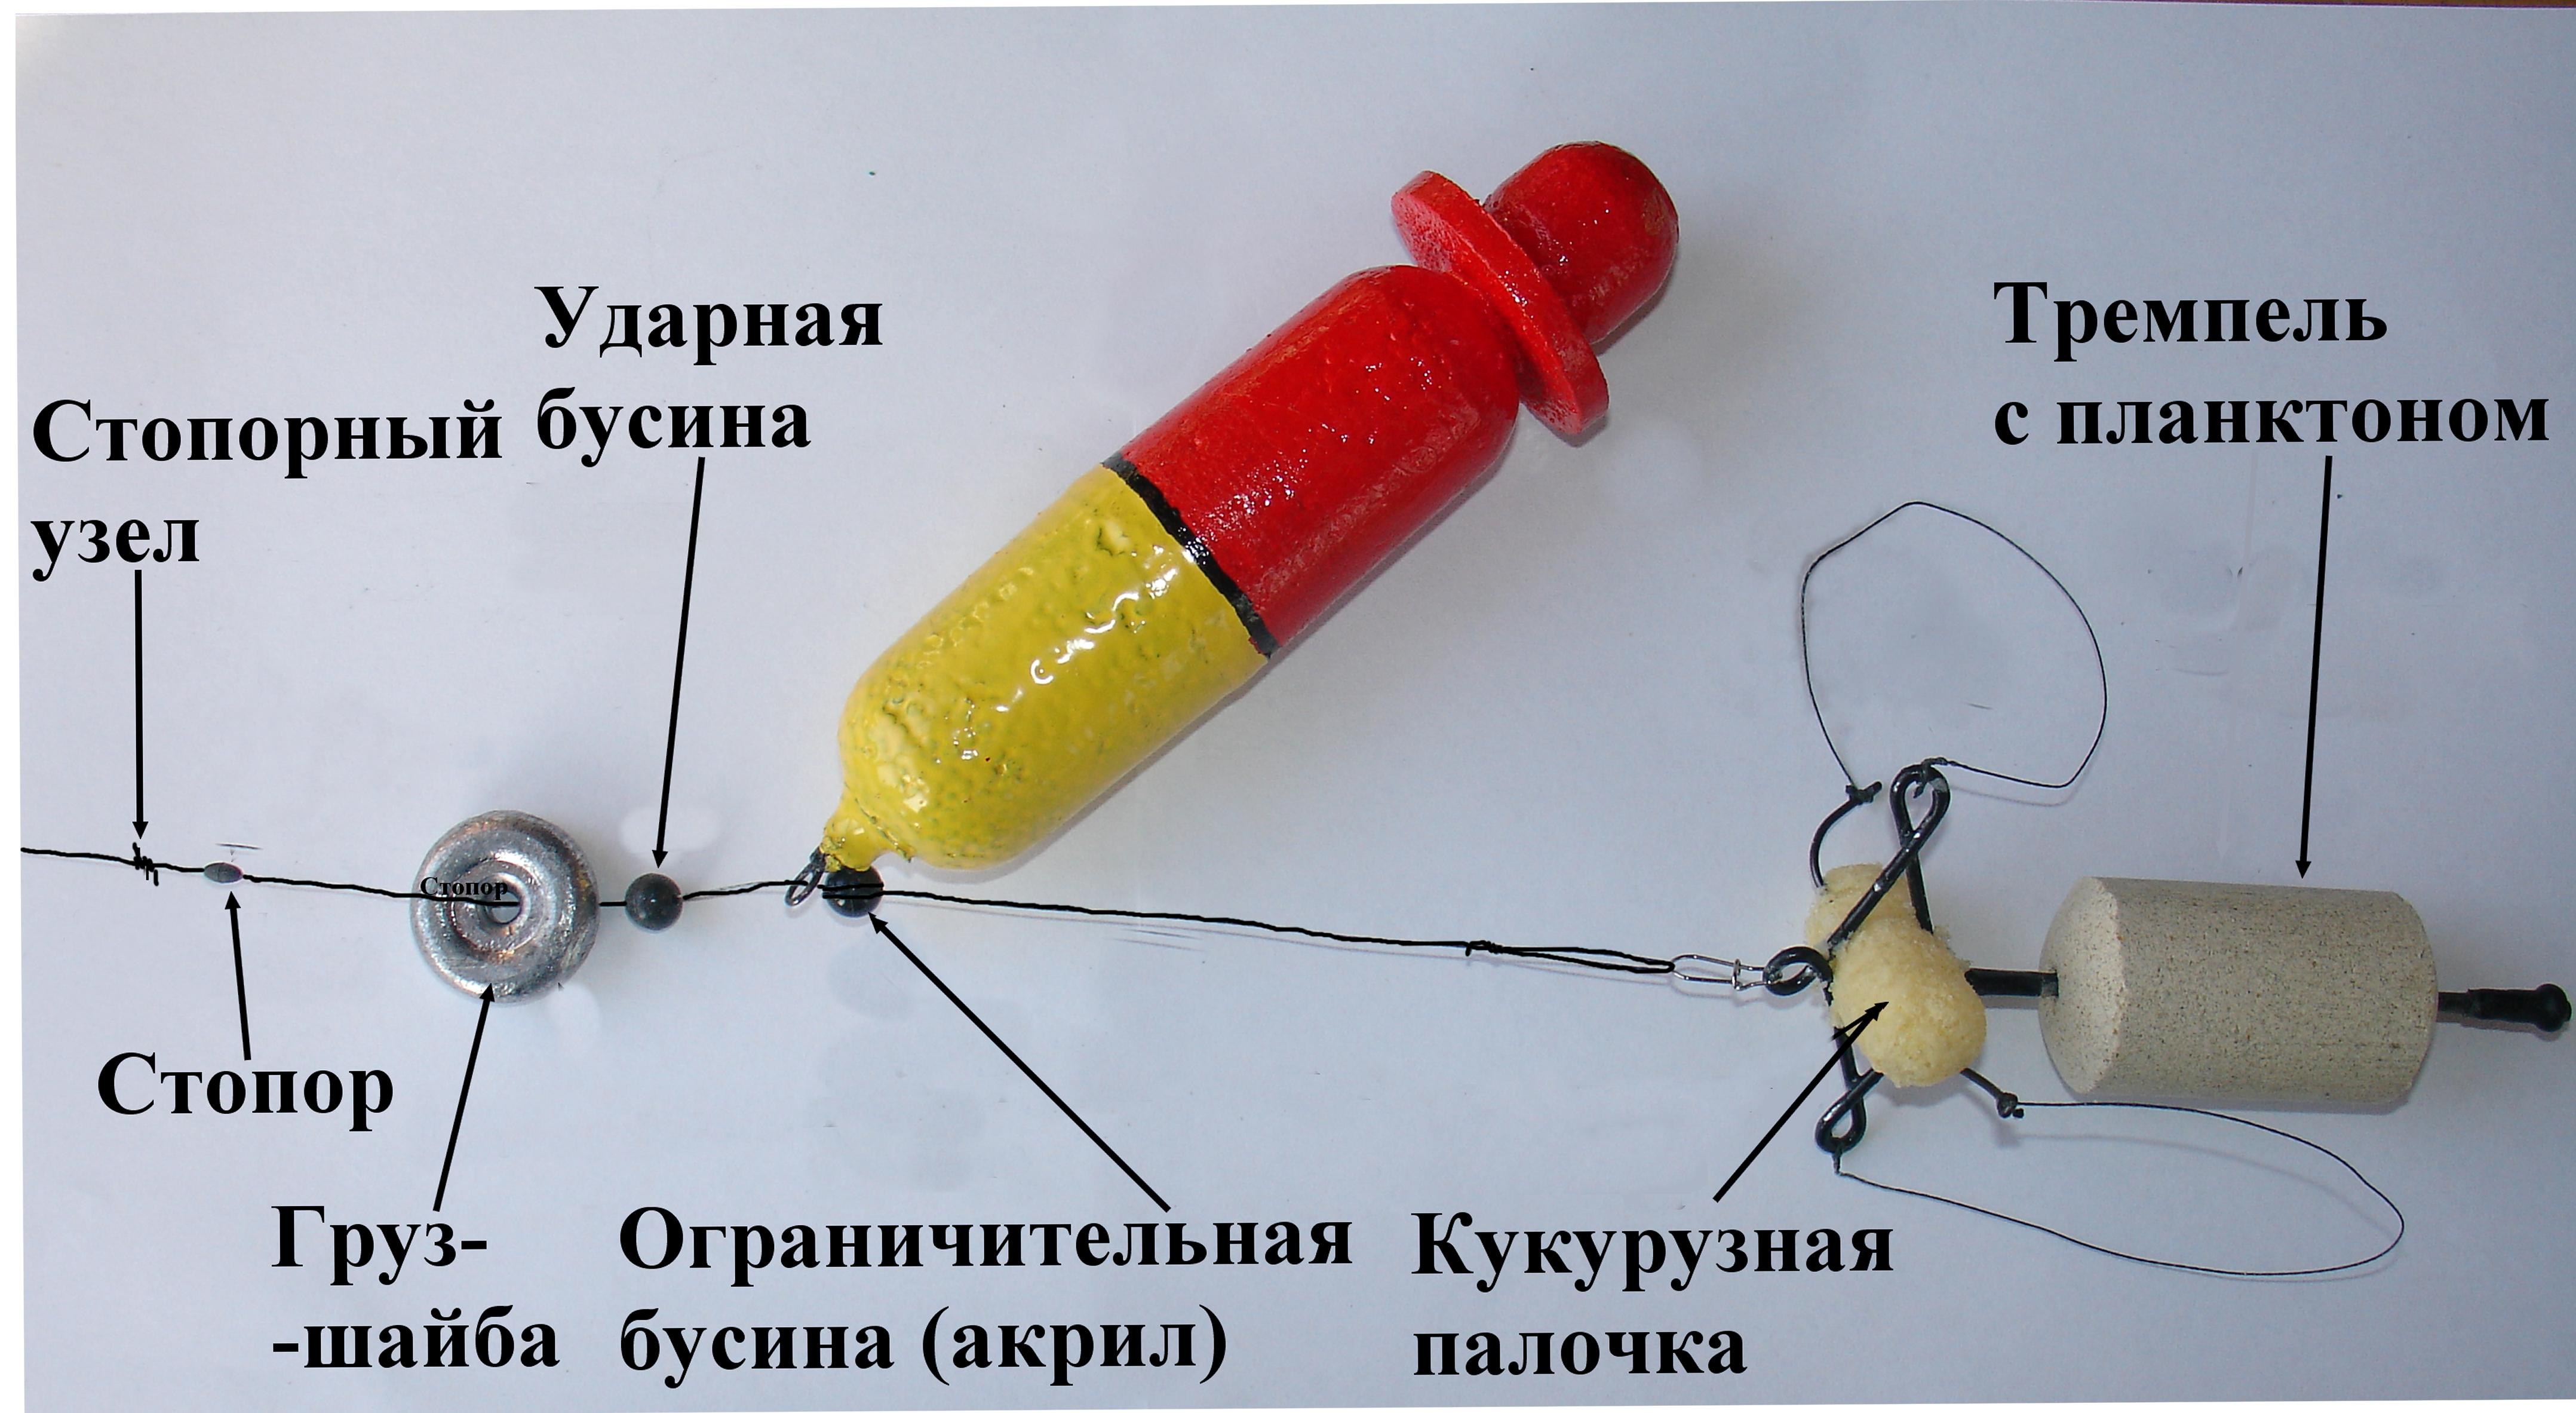 Снасть на толстолобика: устройство оснастки в деталях, как сделать своими руками, монтаж